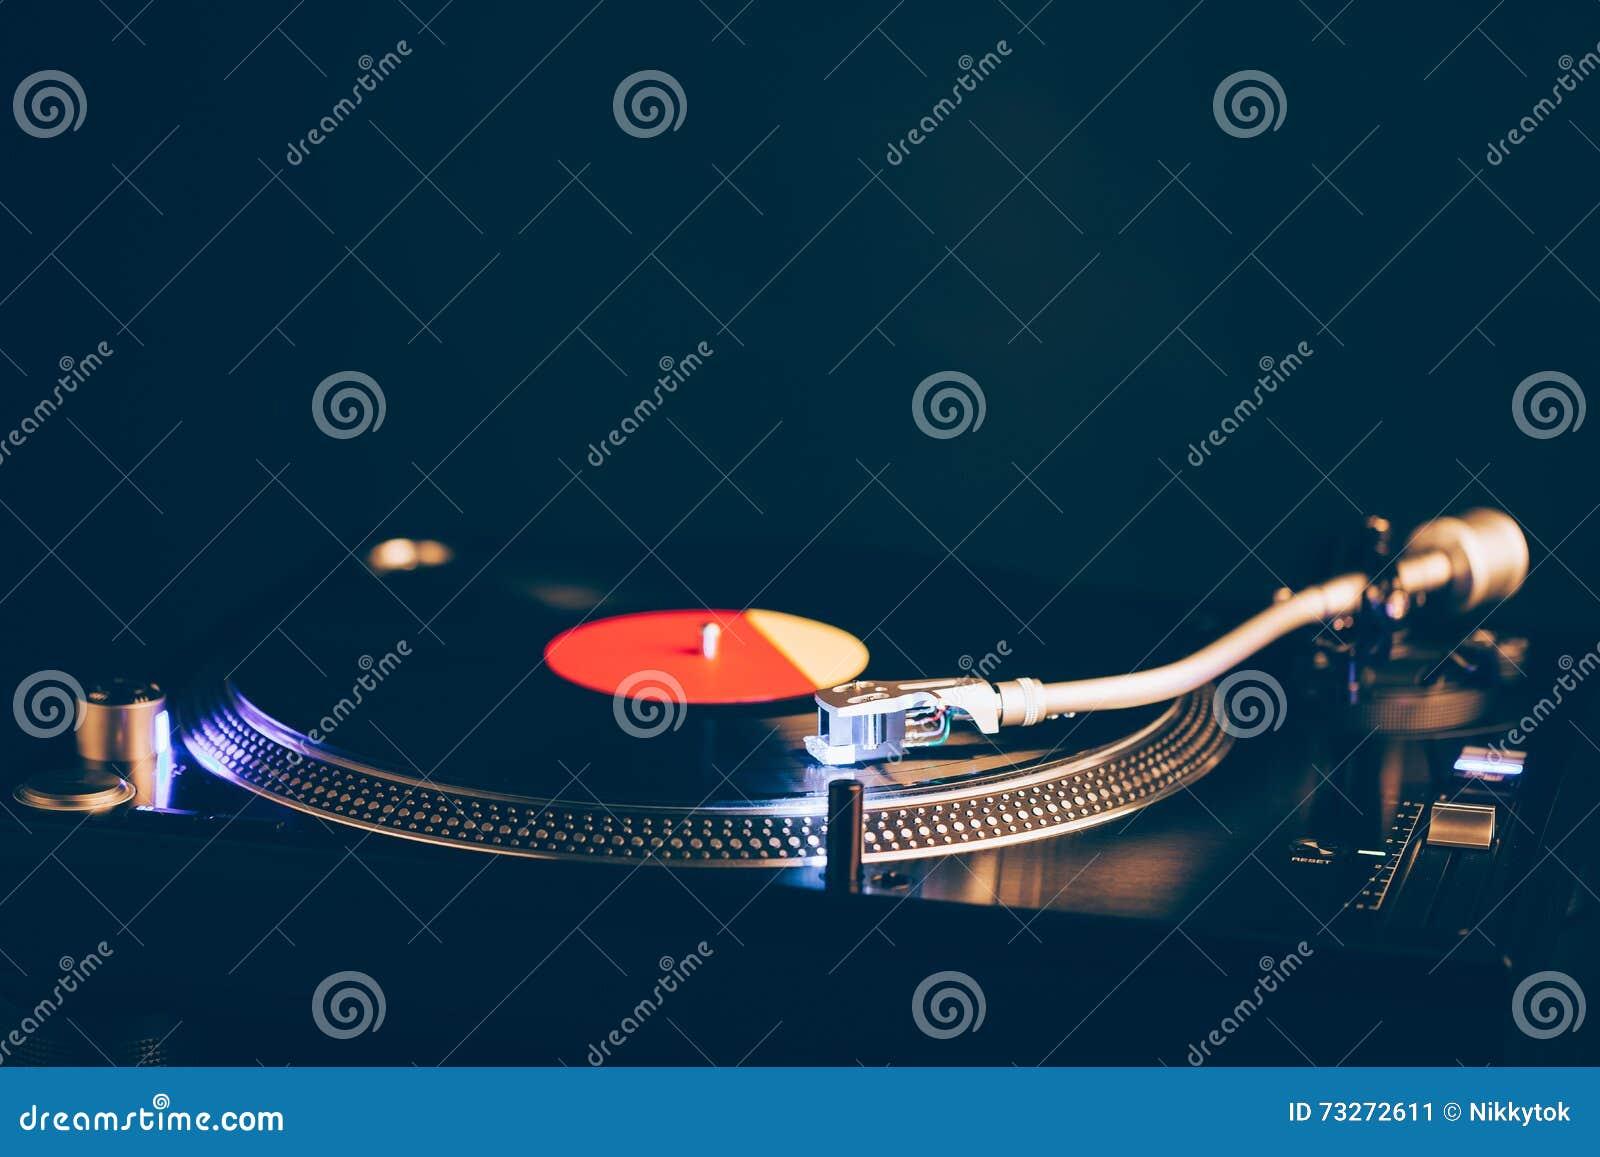 De Professionele Draaischijf Van DJ Met Verlichting, Donkere ...